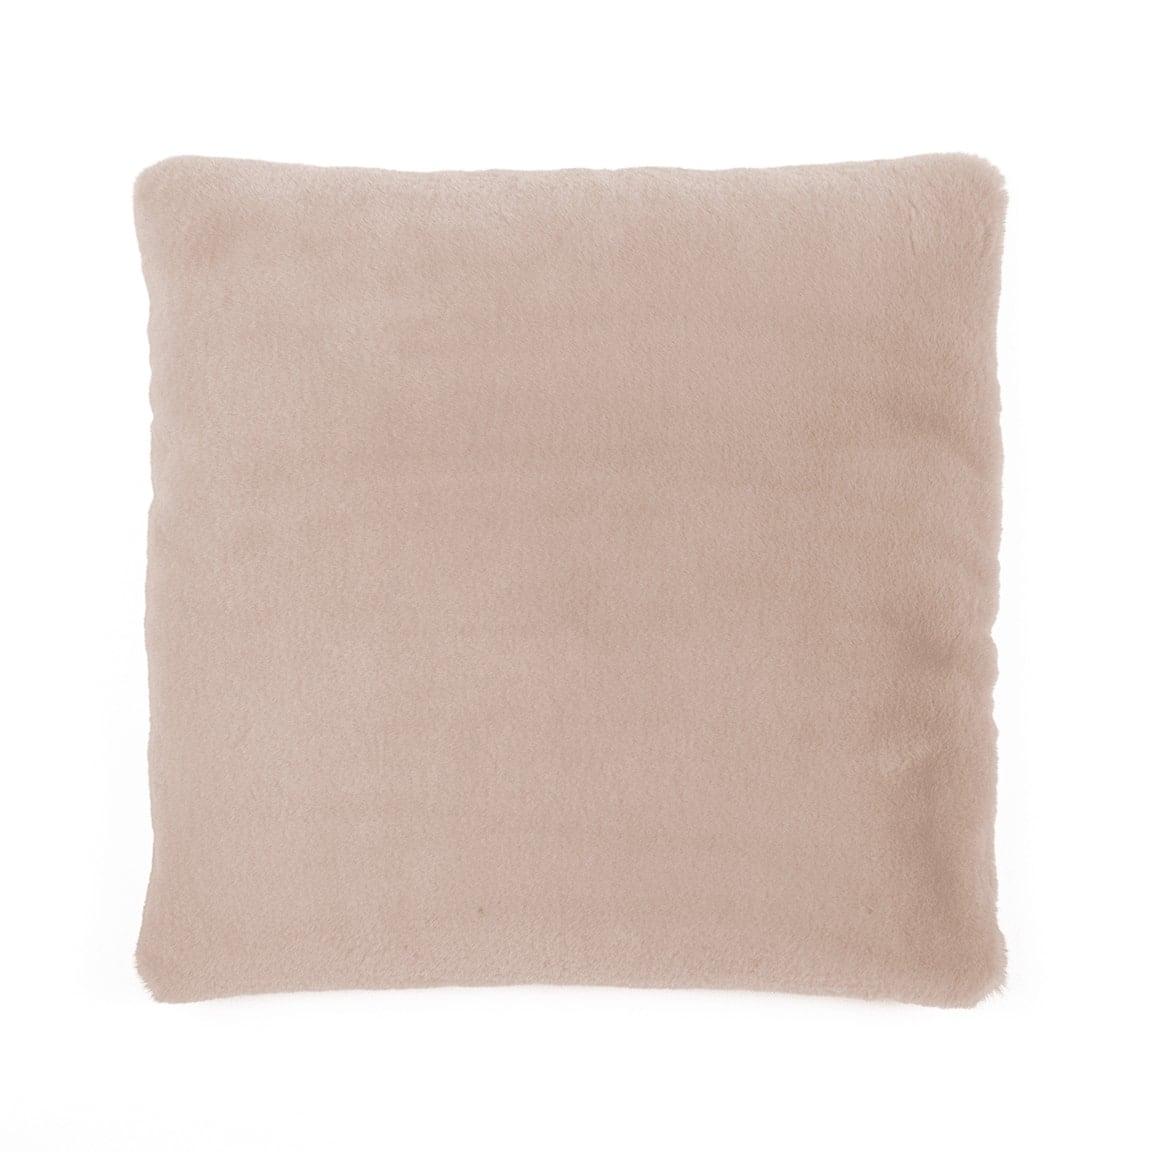 Webpelzkissen-Bali-soft-pink-40x40-50x50-60x60